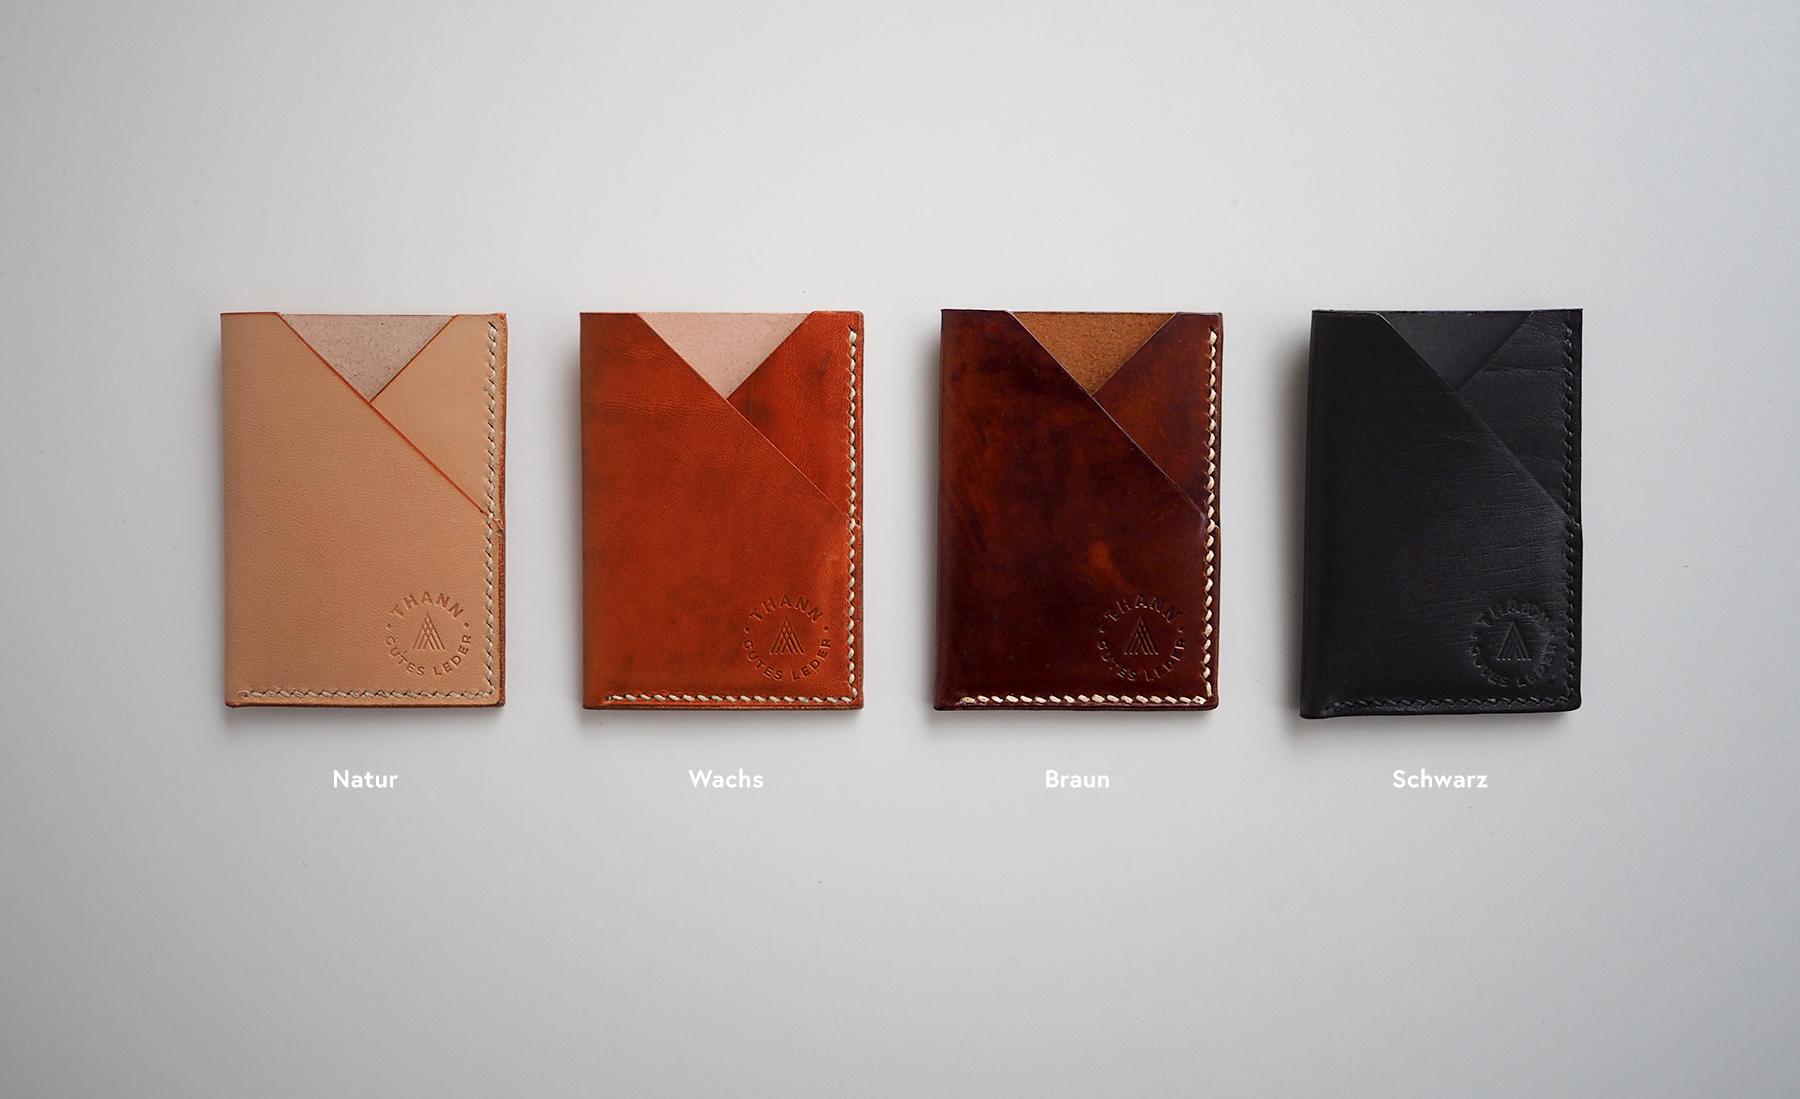 Cardholder Farben natur wachs braun schwarz